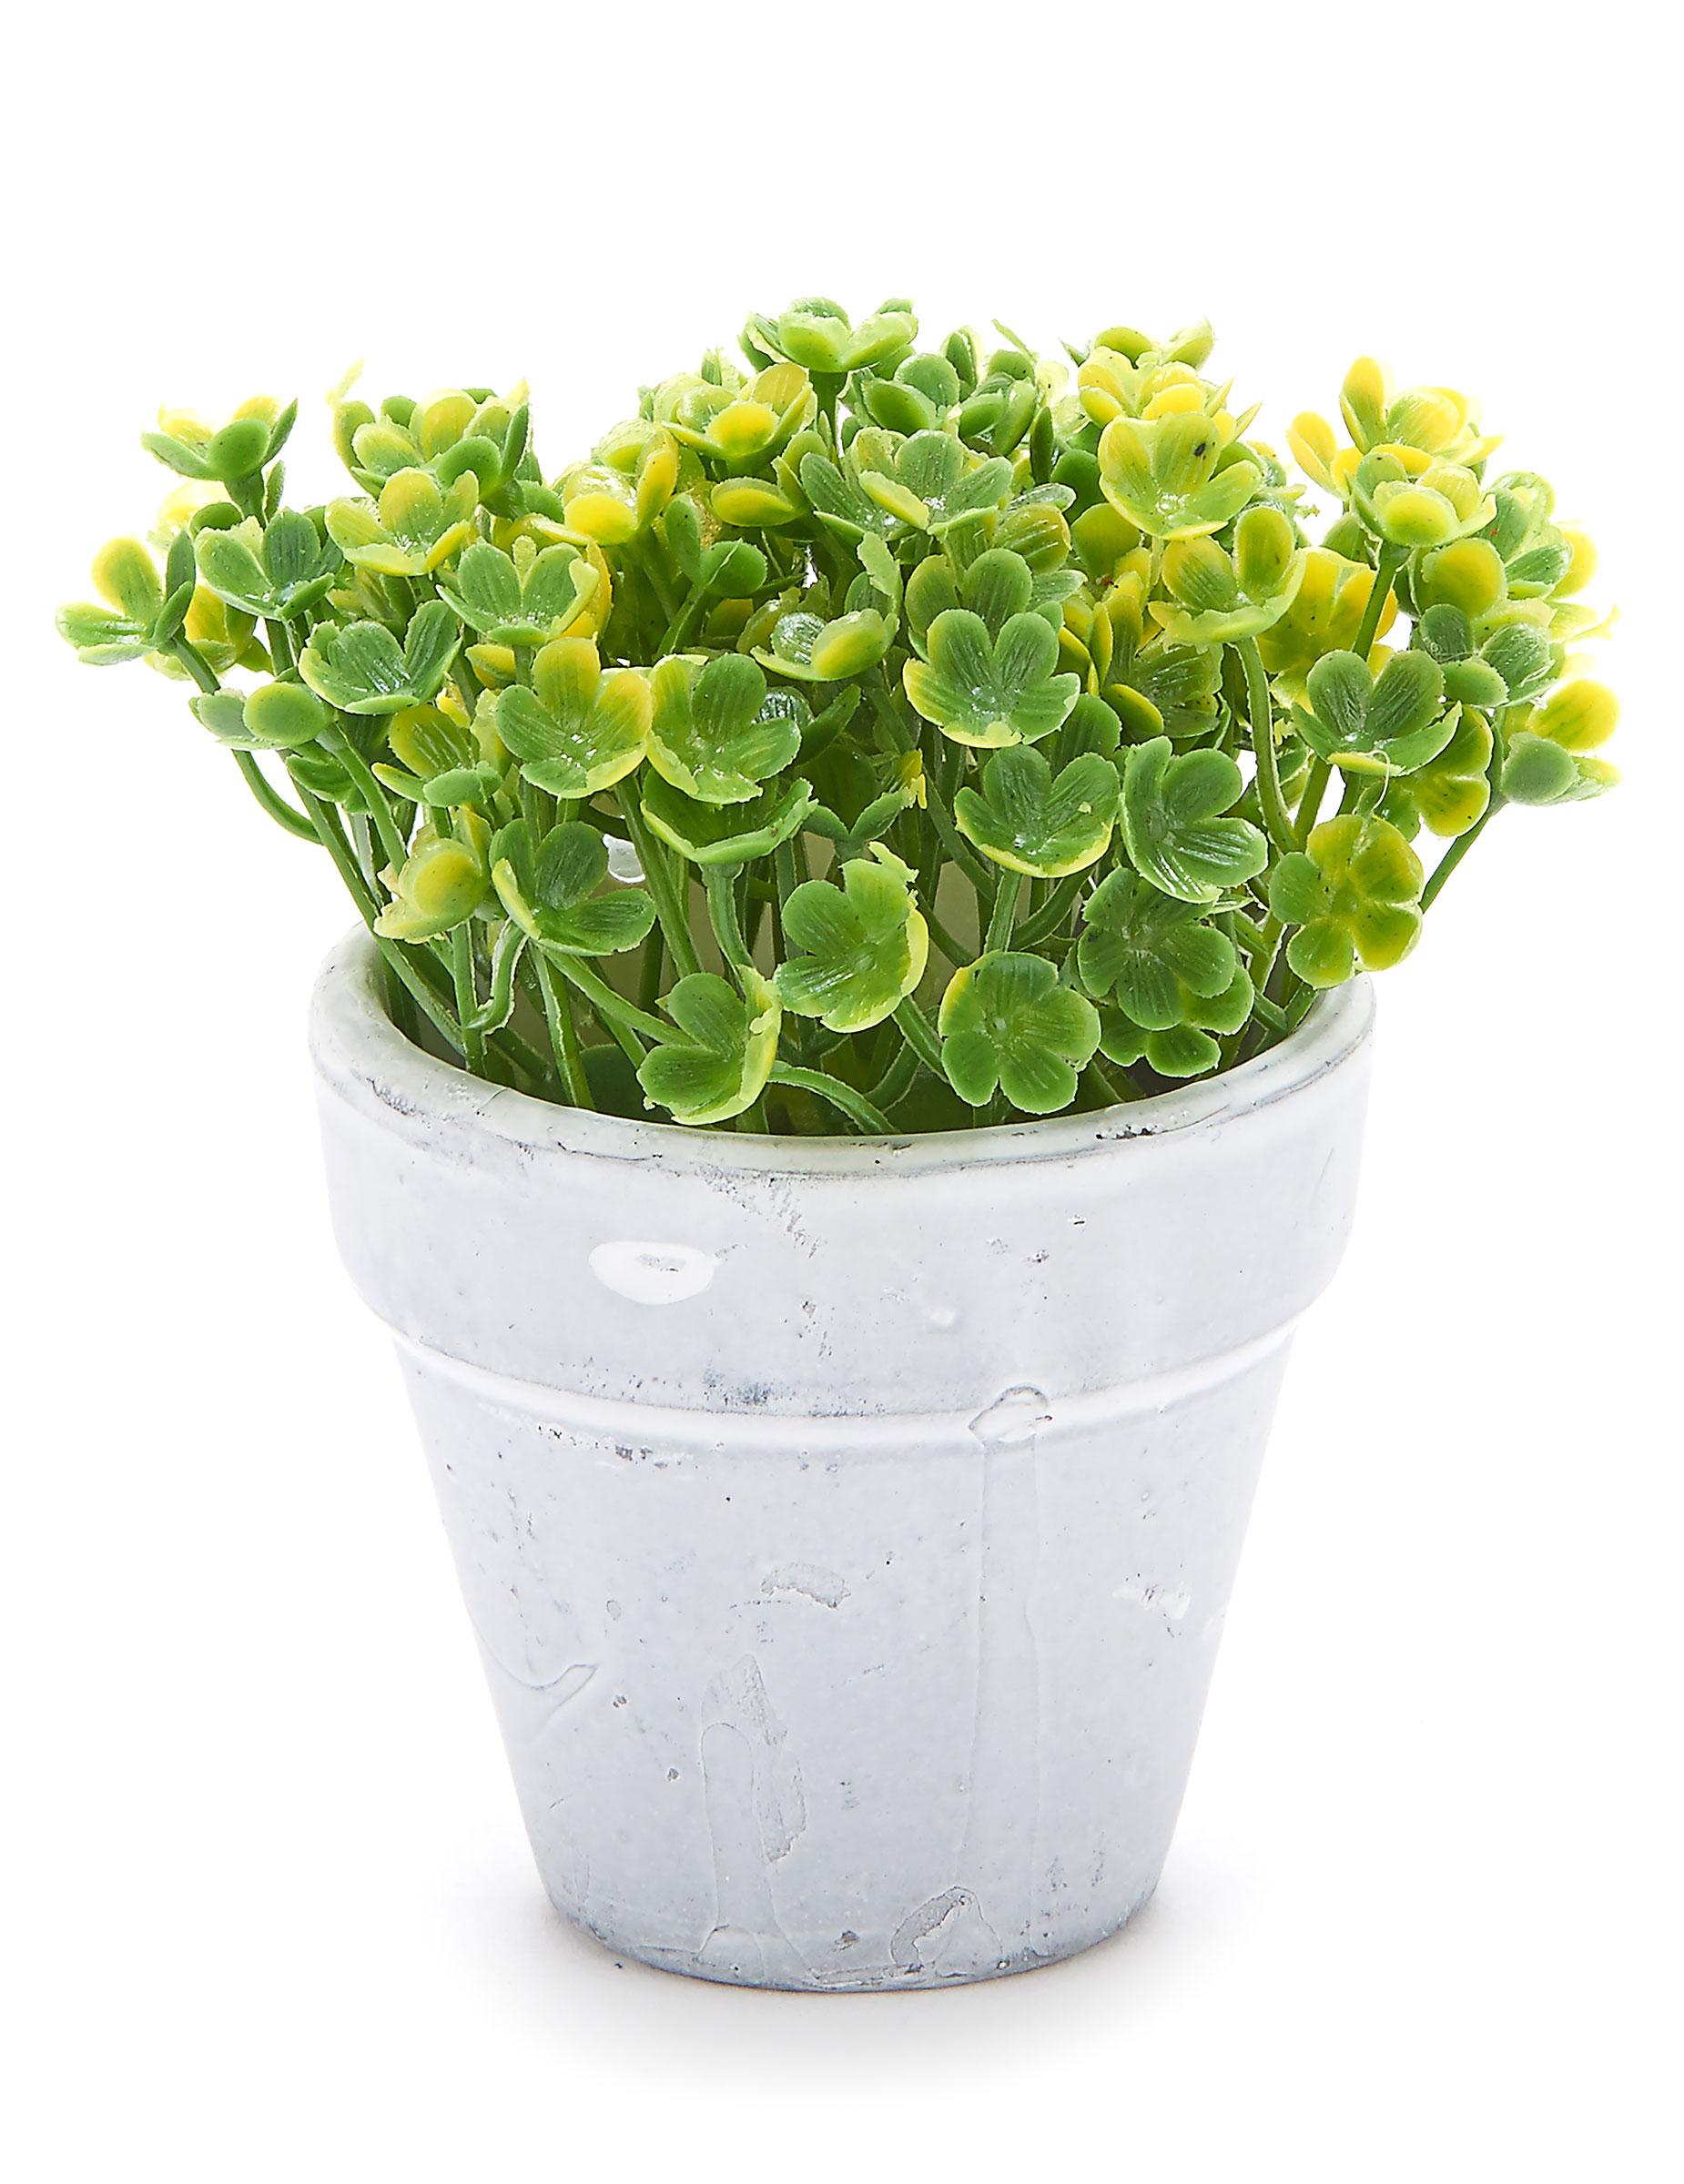 petit pot fleurs artificielles vert clair d coration anniversaire et f tes th me sur vegaoo party. Black Bedroom Furniture Sets. Home Design Ideas